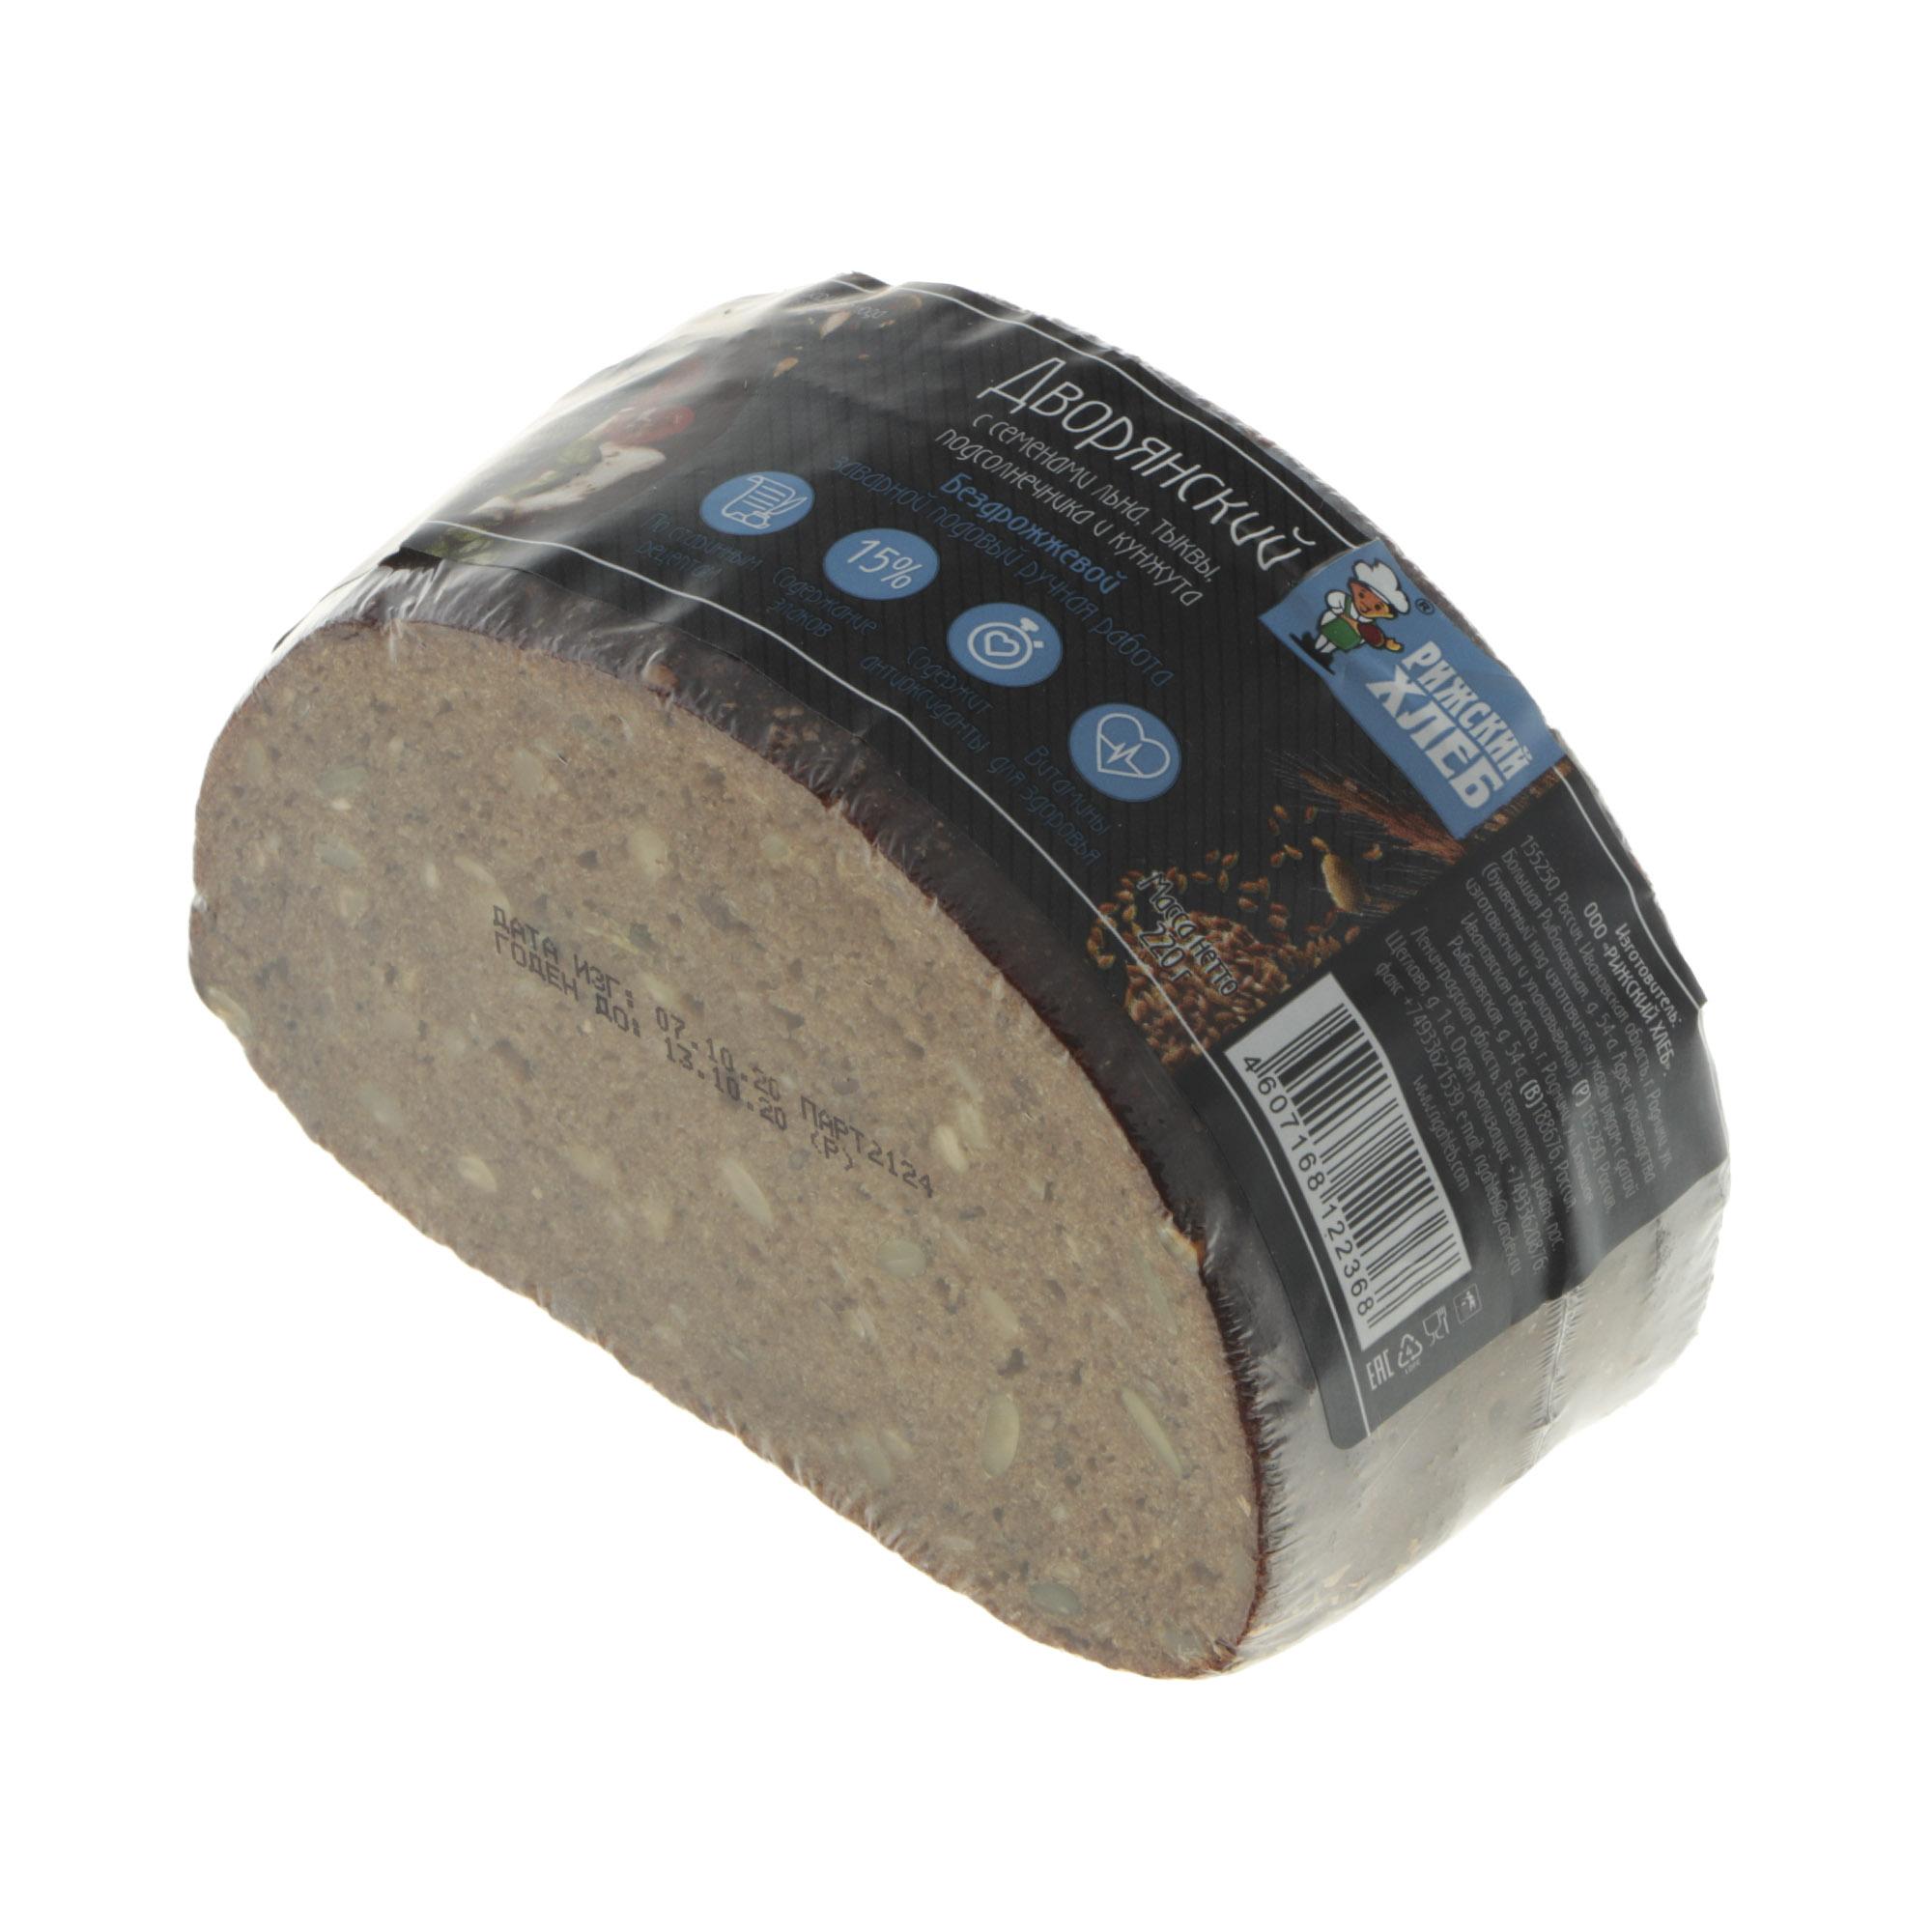 Хлеб Рижский хлеб дворянский 220 г недорого